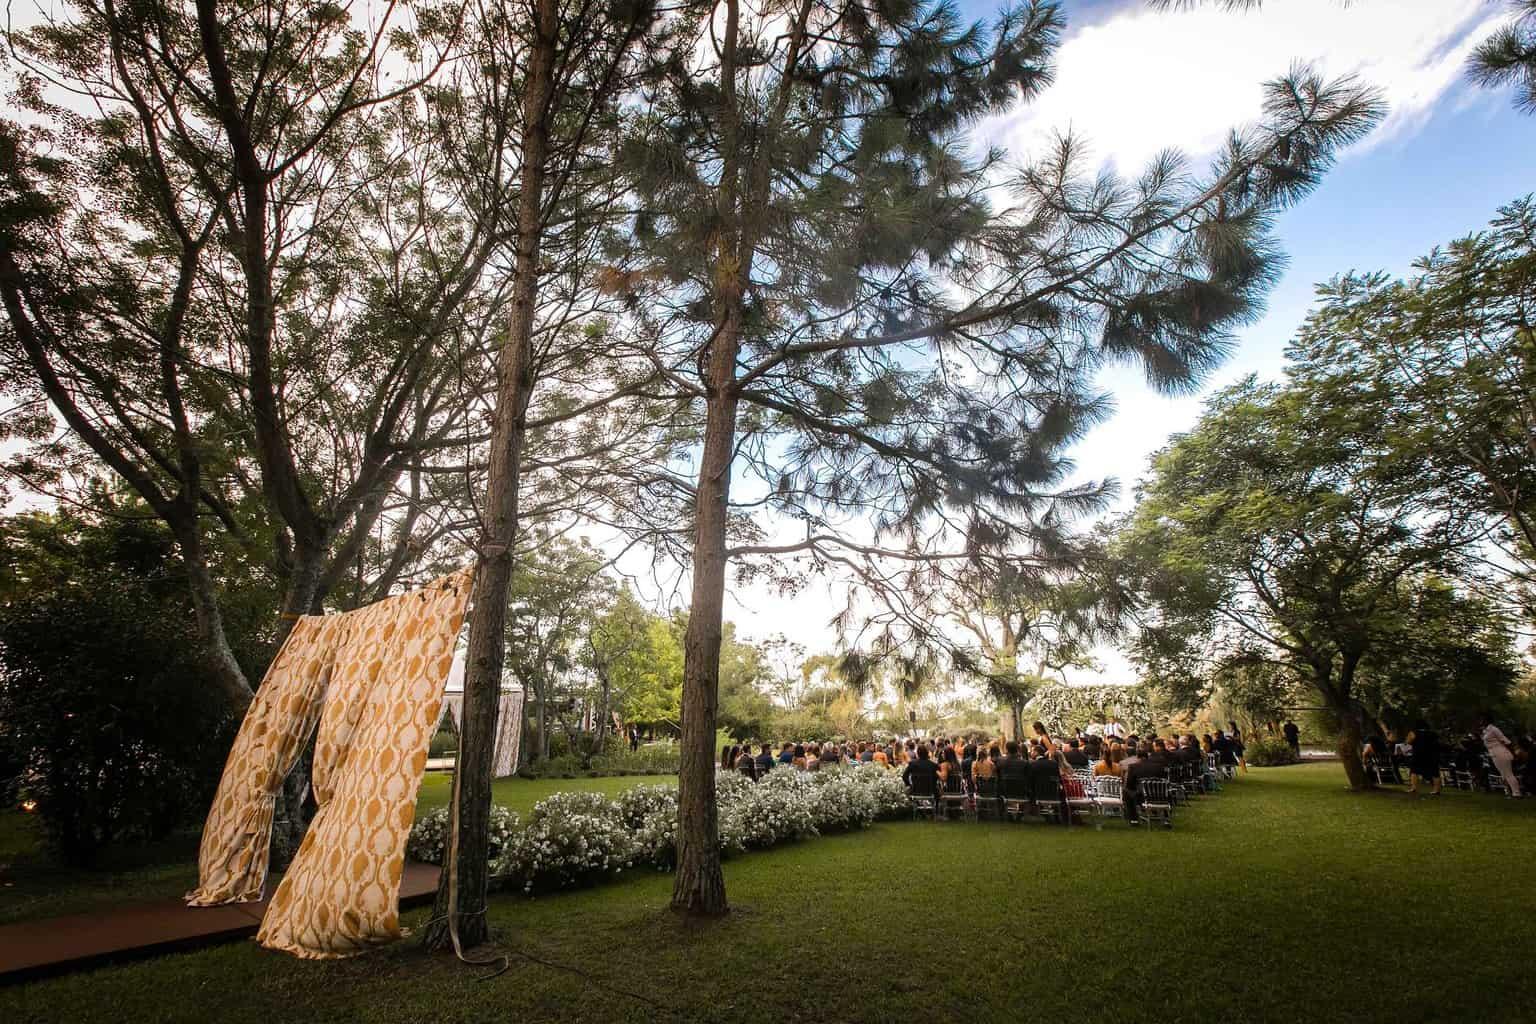 casamento-Marcela-e-Luciano-cerimonia-no-jardim-final-de-tarde1